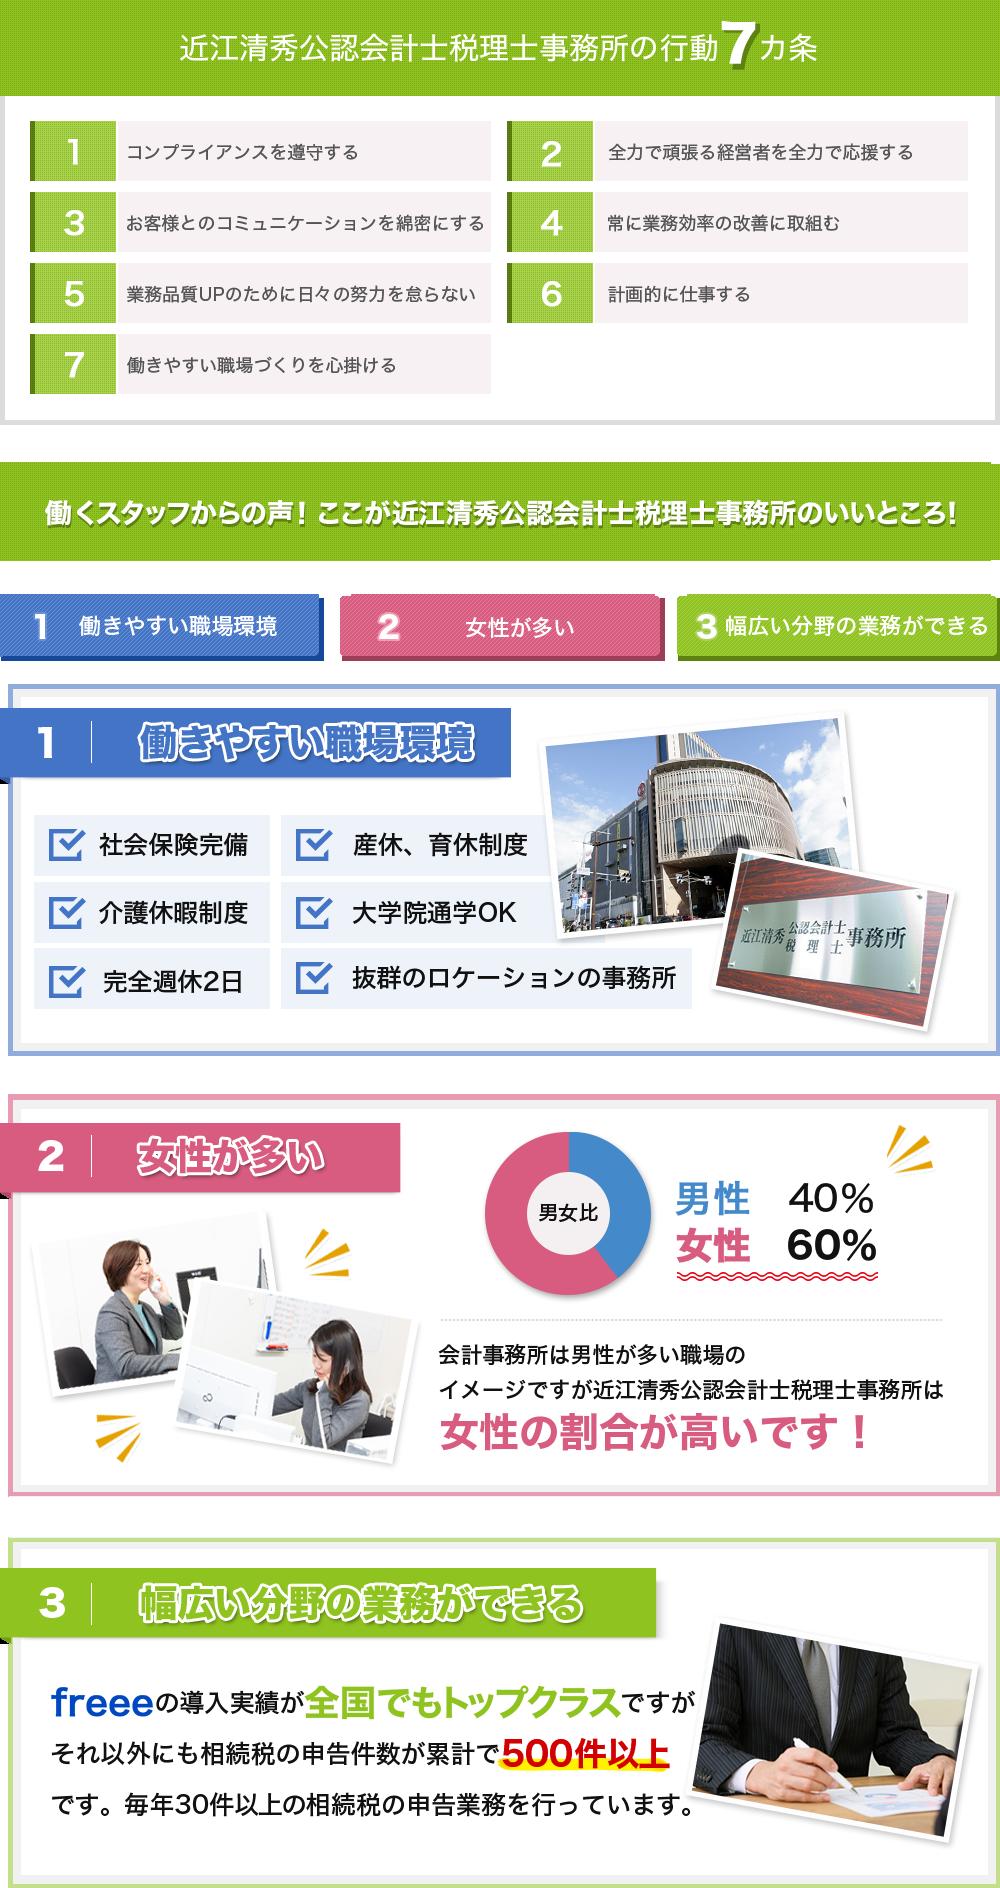 近江清秀公認会計士税理士事務所の行動7カ条